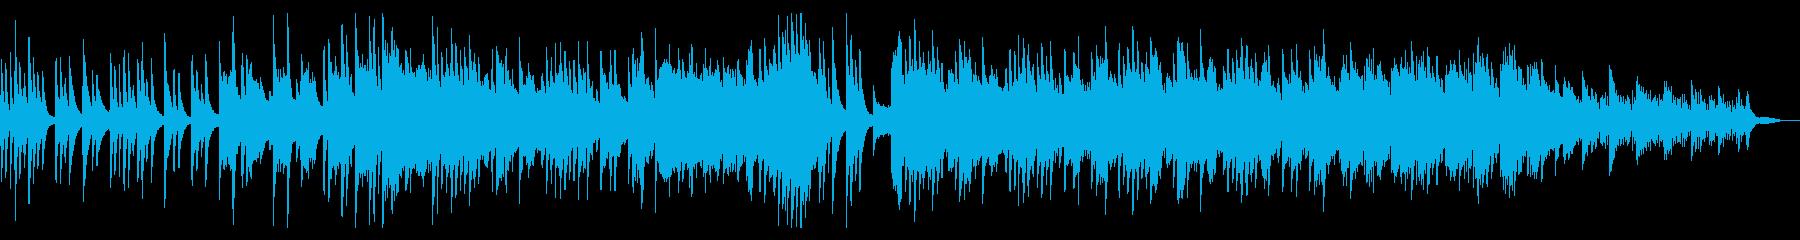 夏の花火や祭りの映像に合うしっとりした曲の再生済みの波形